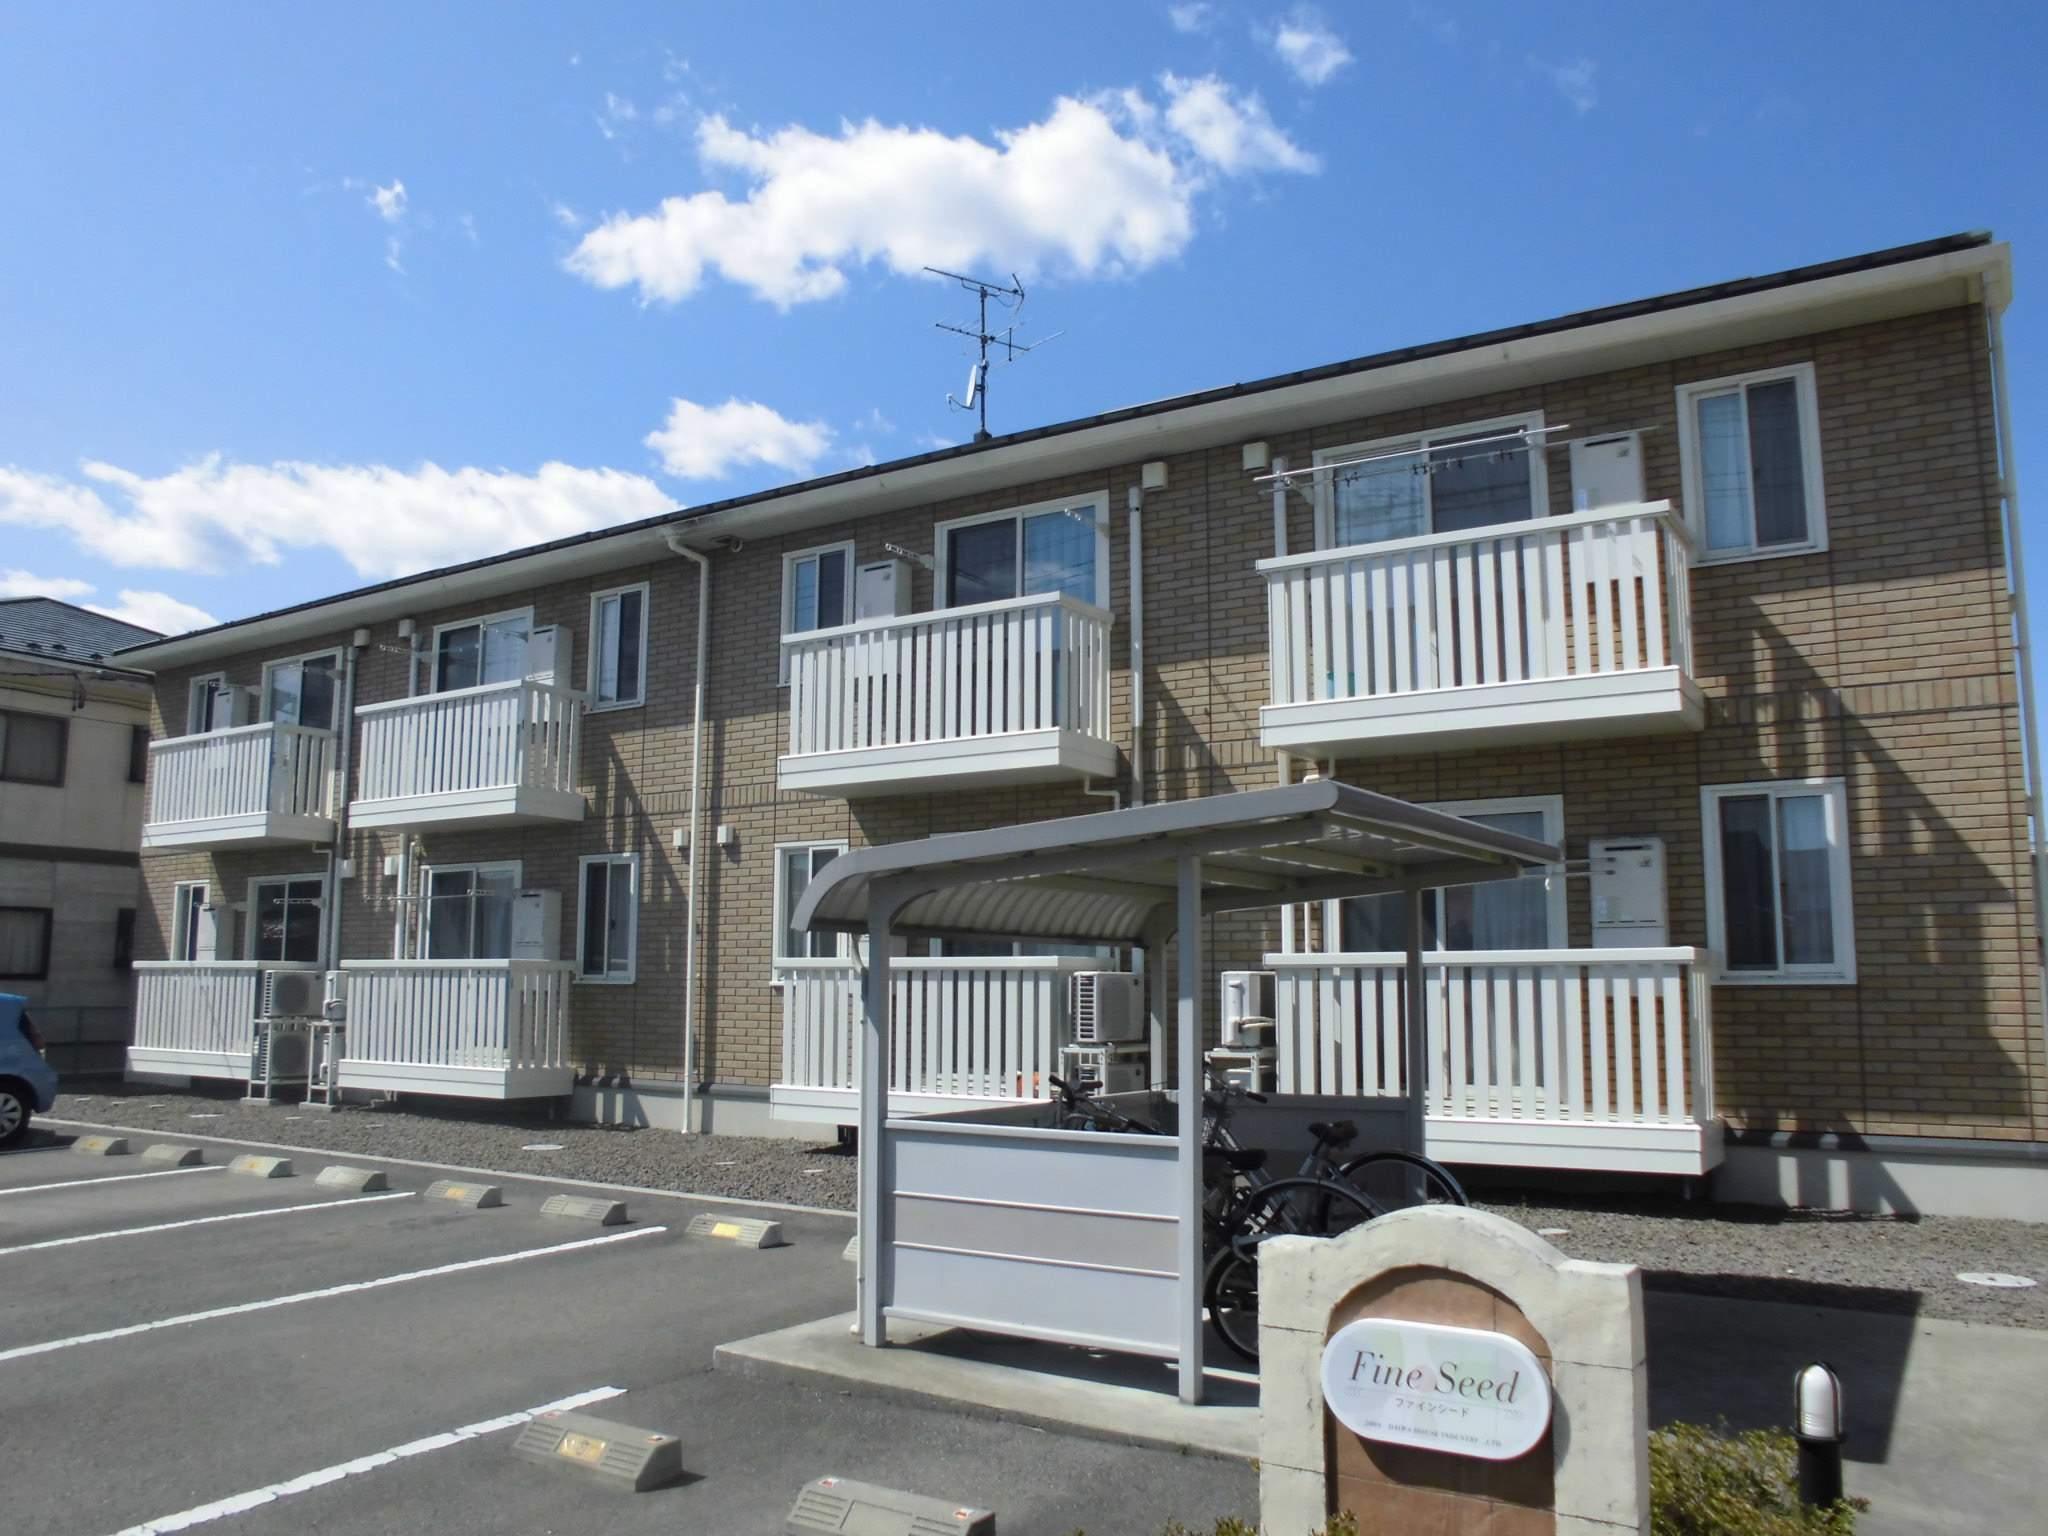 福島県福島市、瀬上駅徒歩6分の築9年 2階建の賃貸アパート